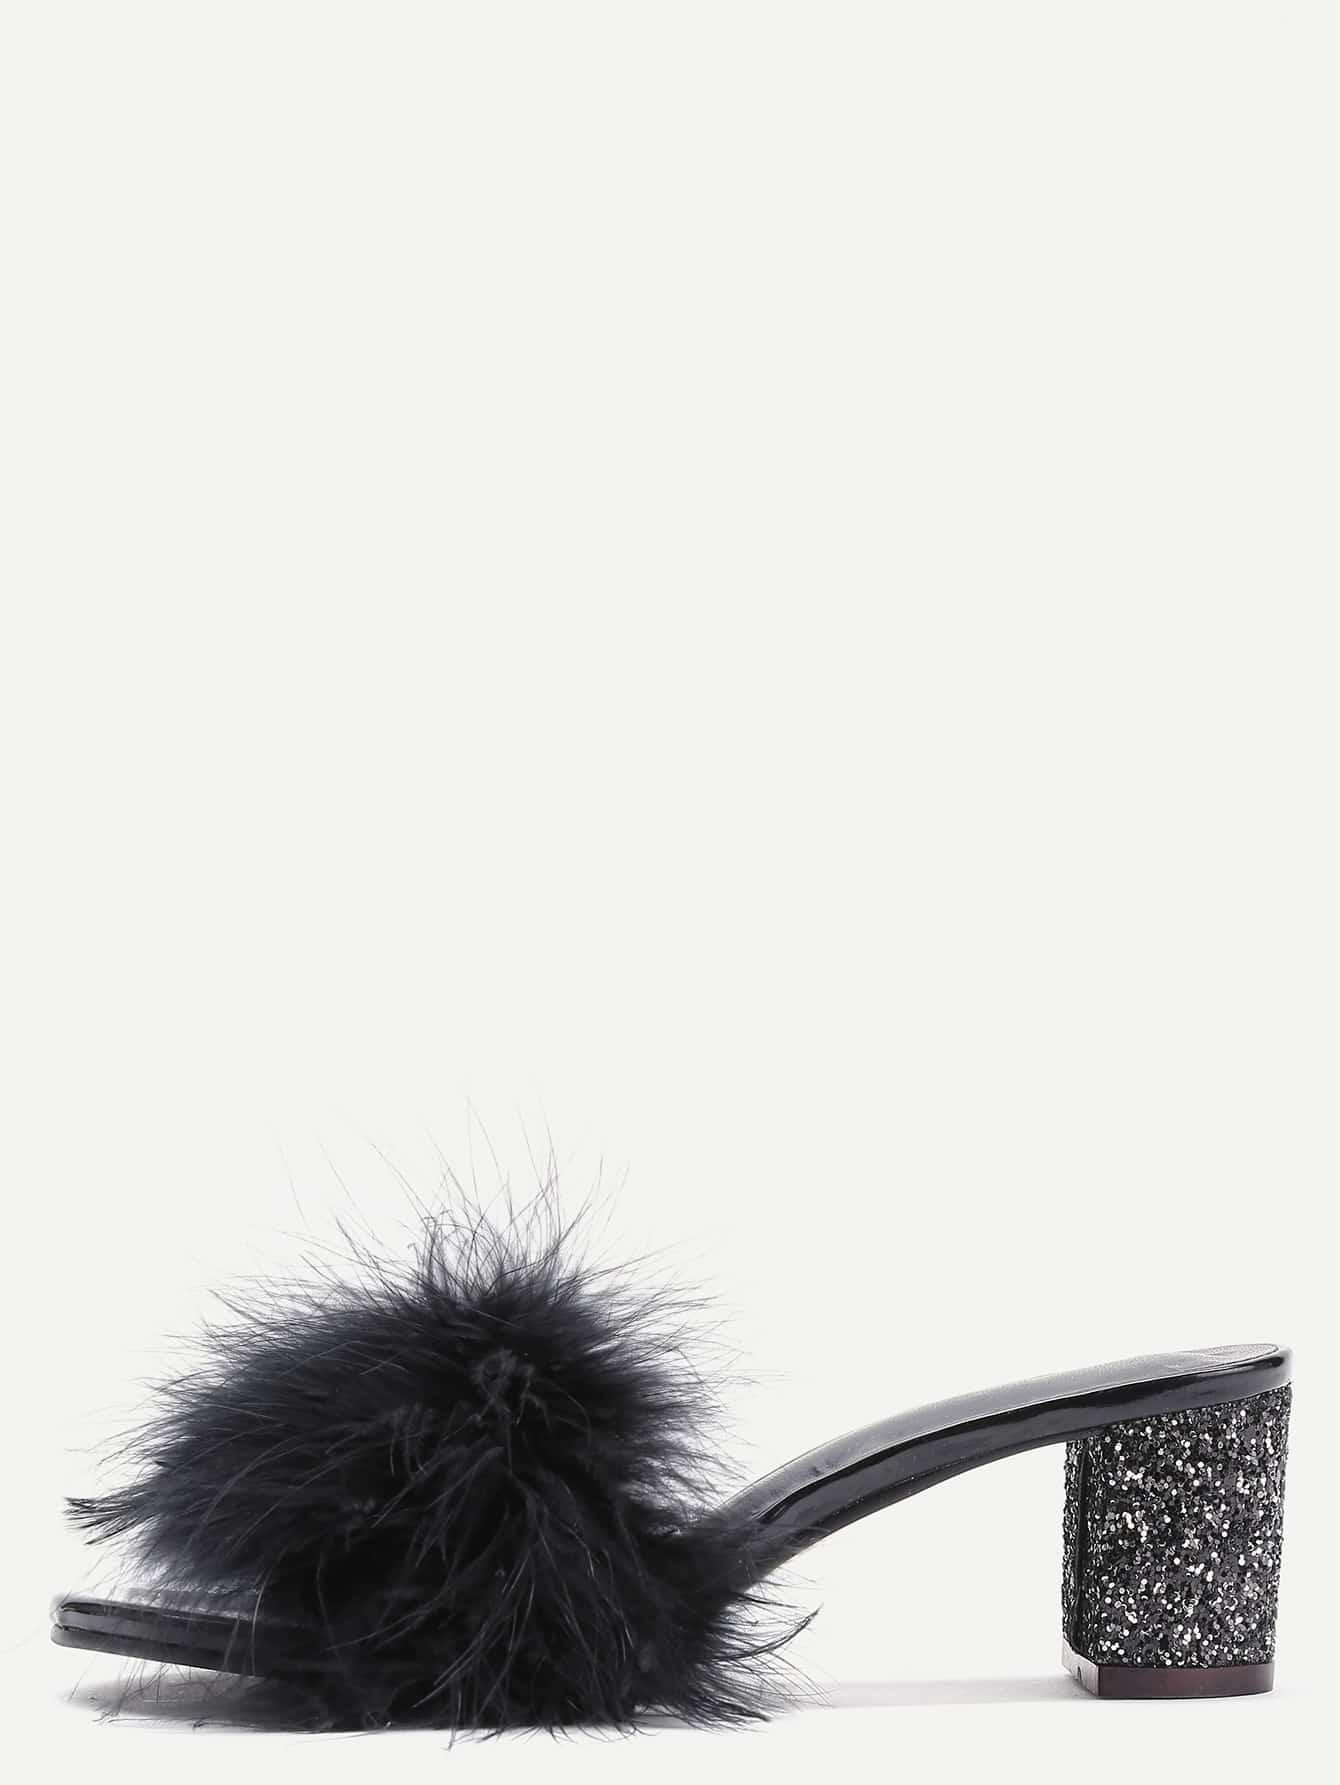 Black Feather Furry Slides Heeled SlippersBlack Feather Furry Slides Heeled Slippers<br><br>color: Black<br>size: EUR36,EUR37,EUR39